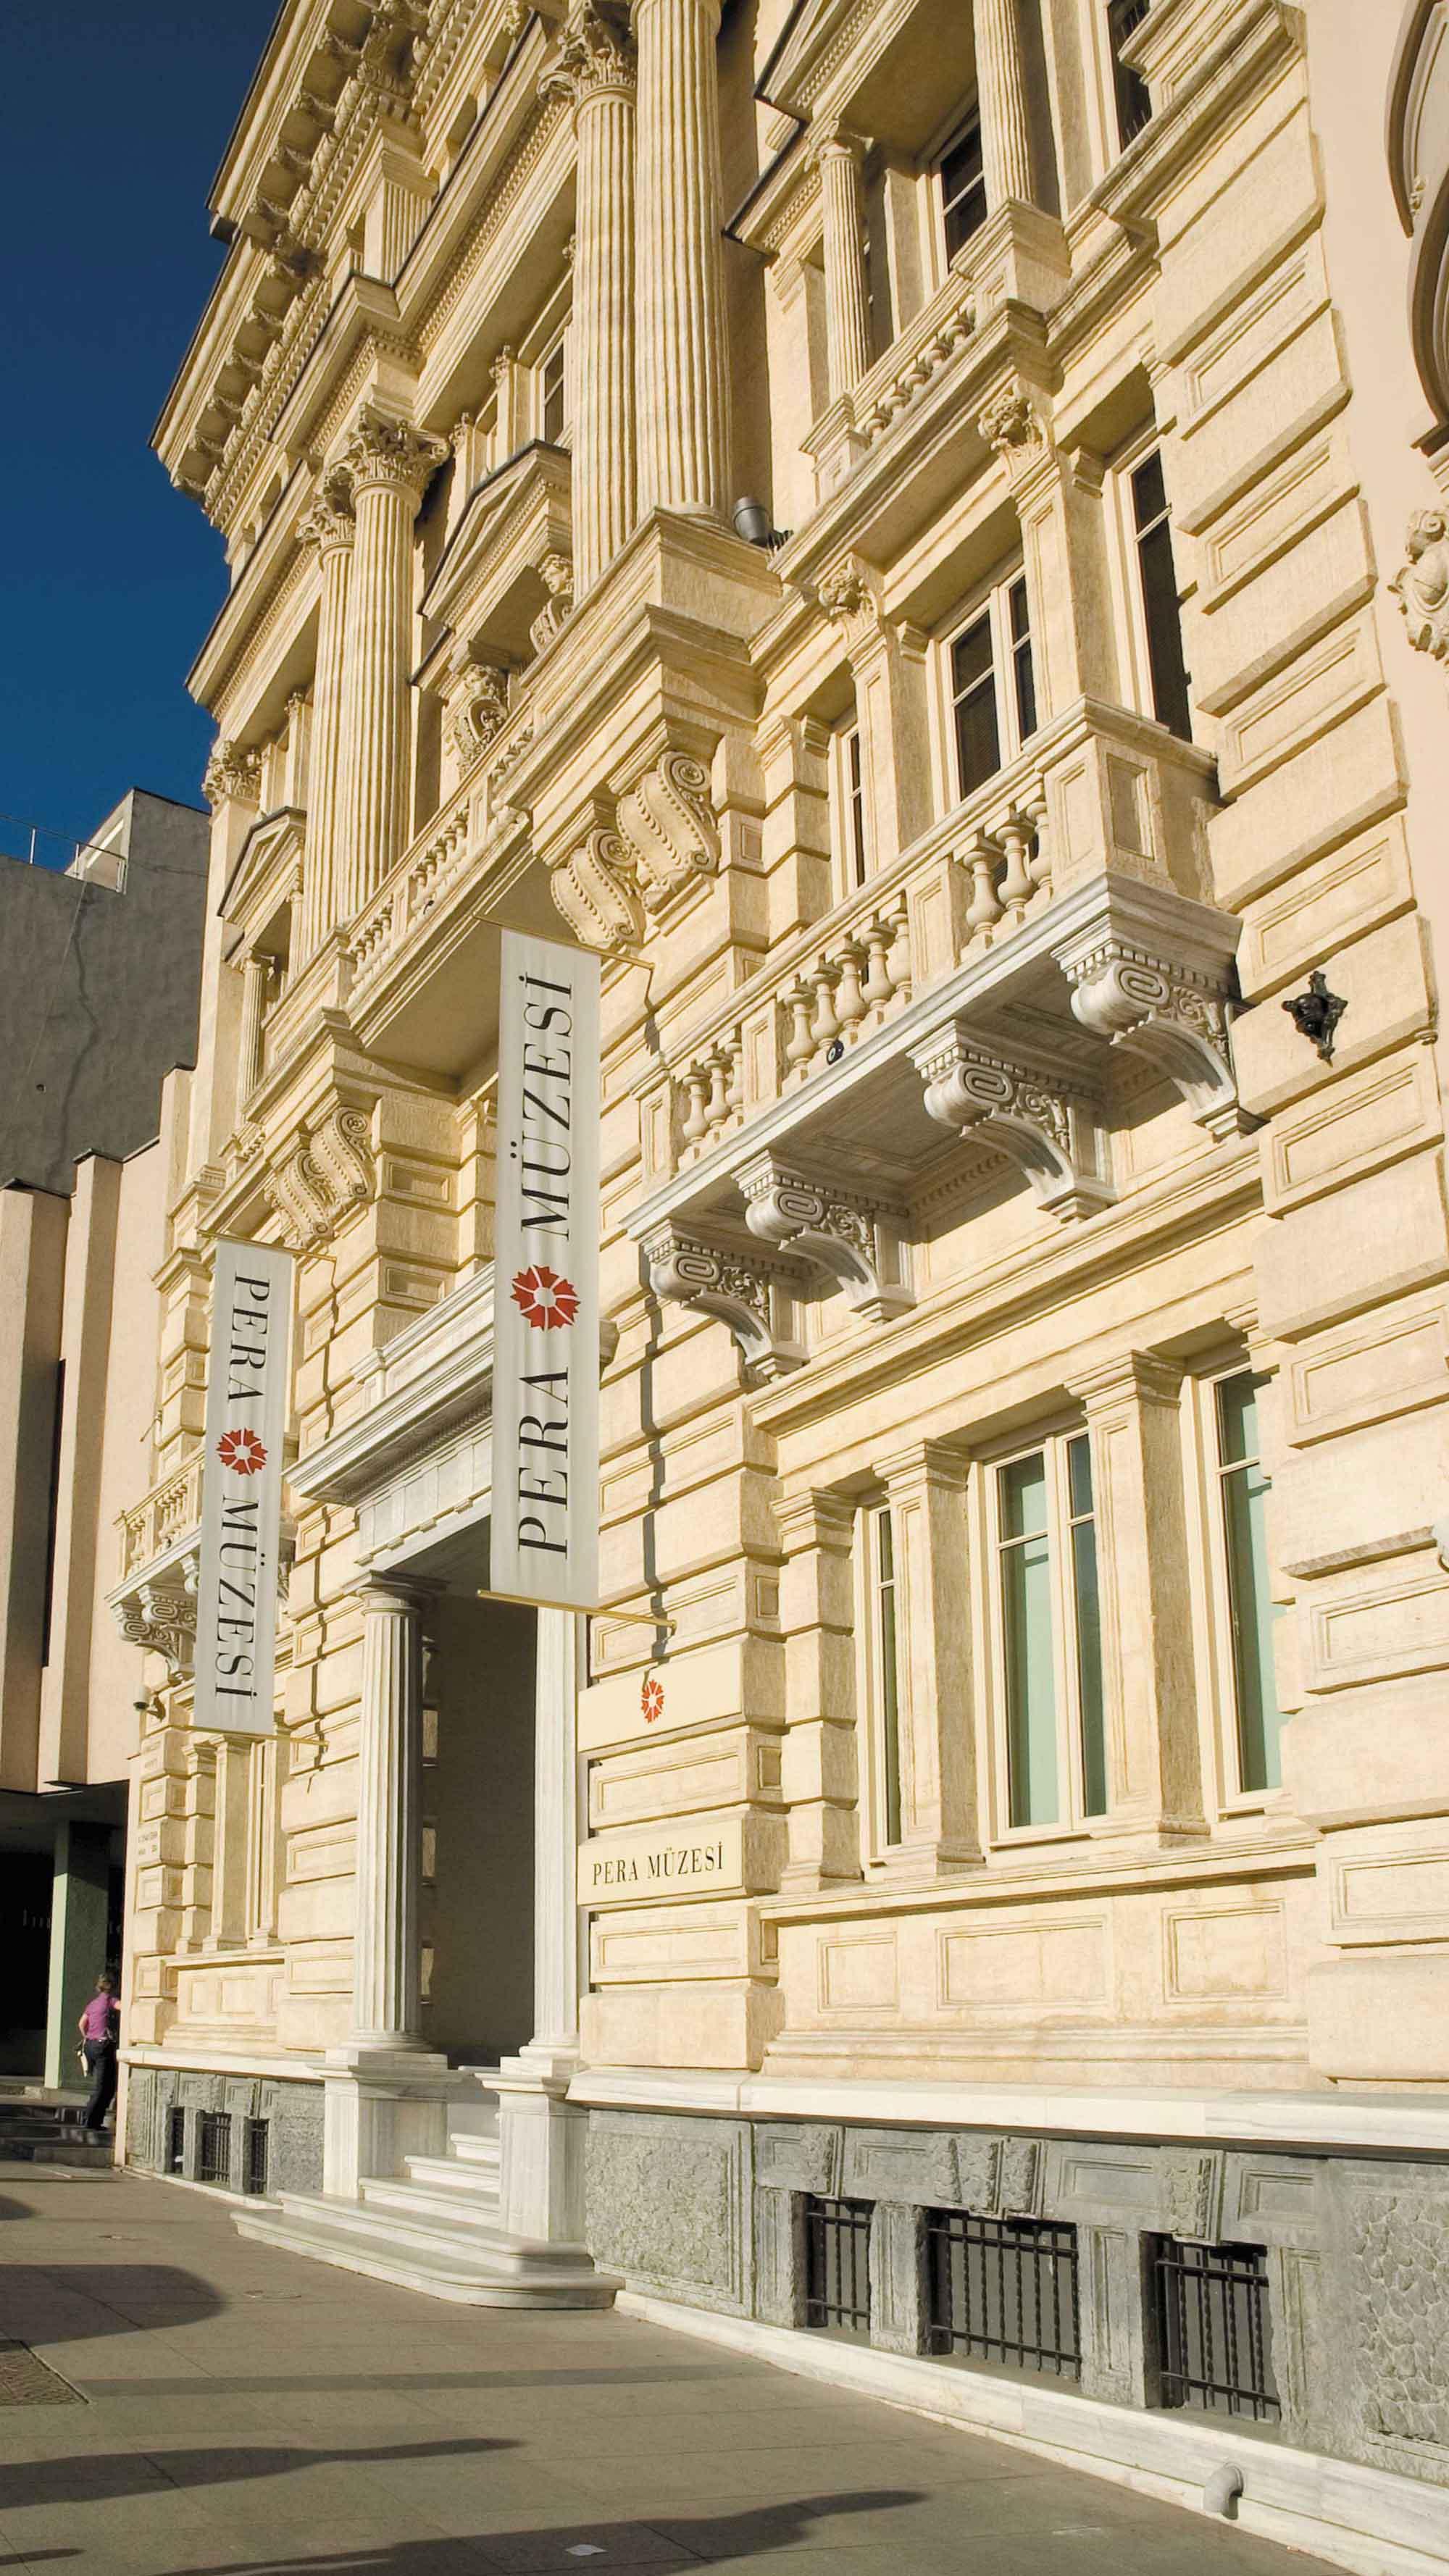 istanbul Müzeler - Pera Müzesi   Fotoğraf: arkiv.com.tr